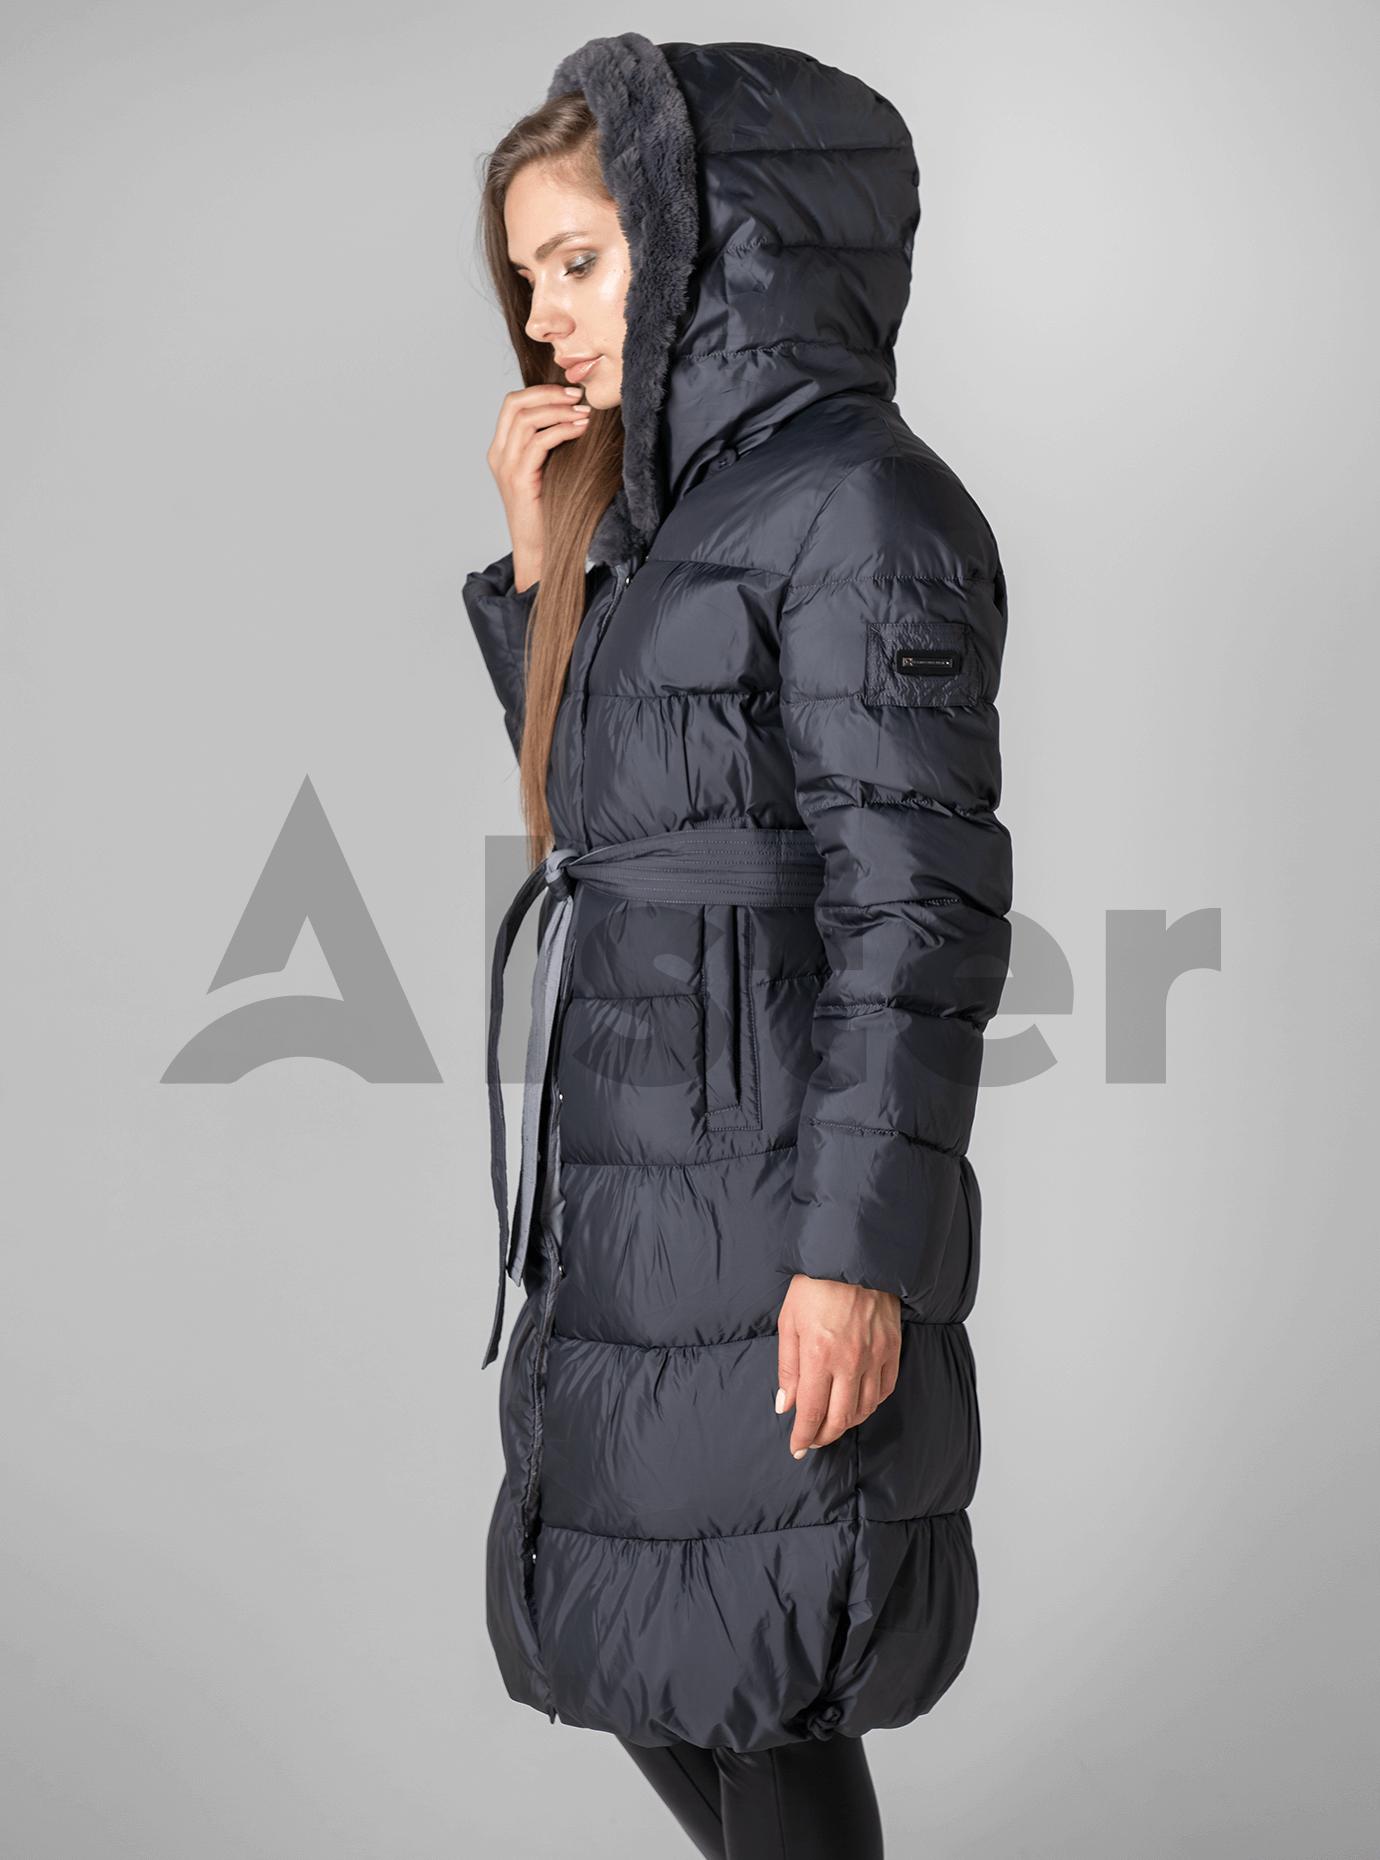 Куртка зимняя с мехом однотонная Графитовый 3XL (02-190137): фото - Alster.ua